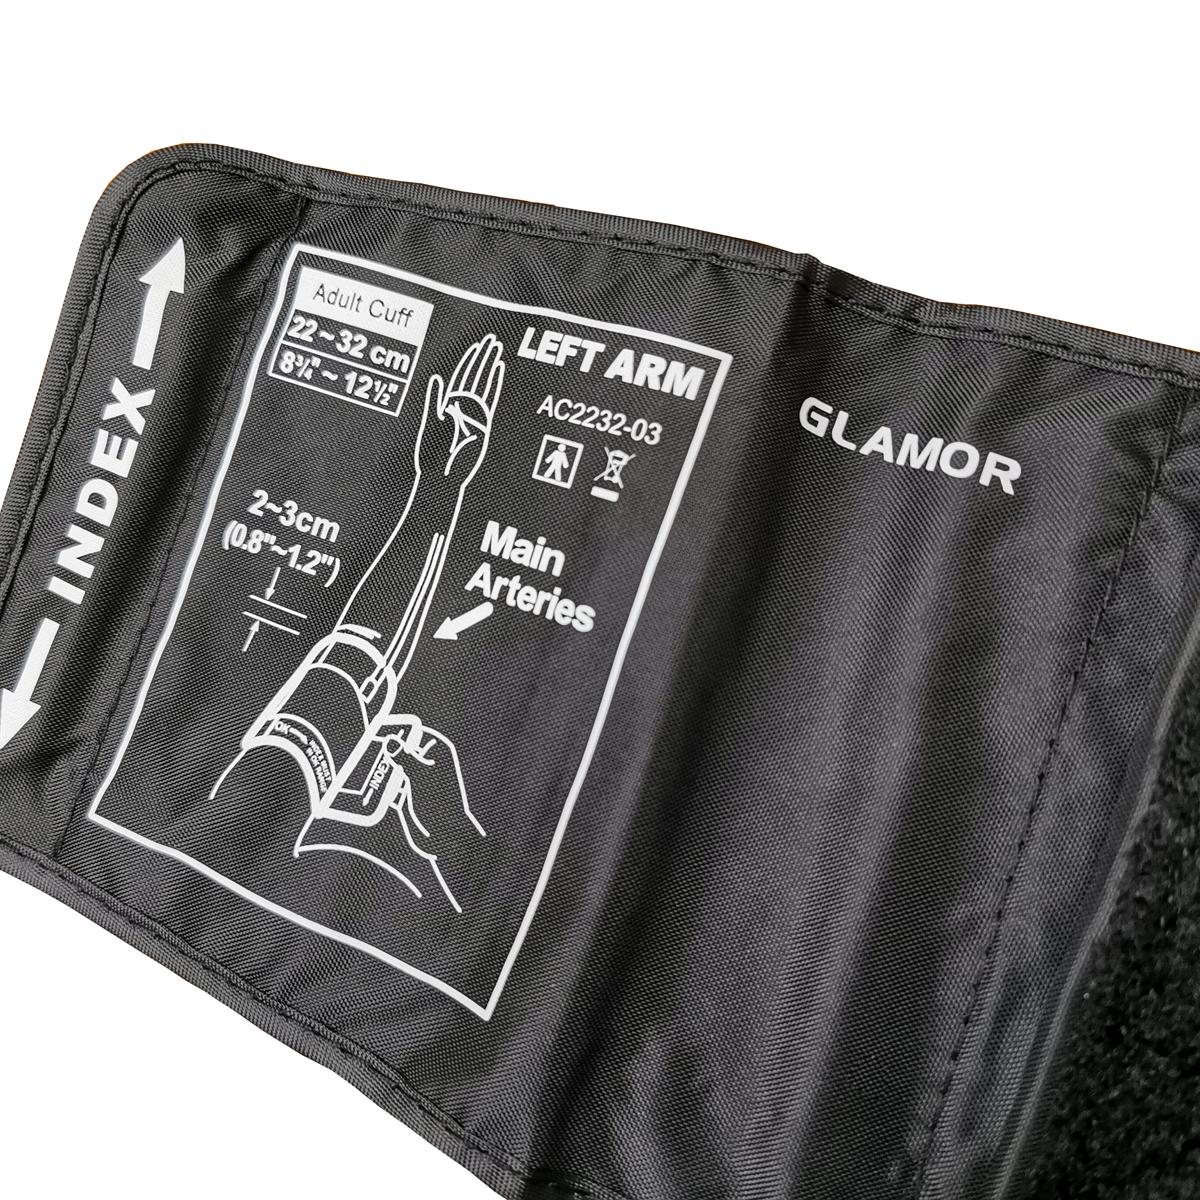 کاف فشارسنج گلامور مدل 32-22